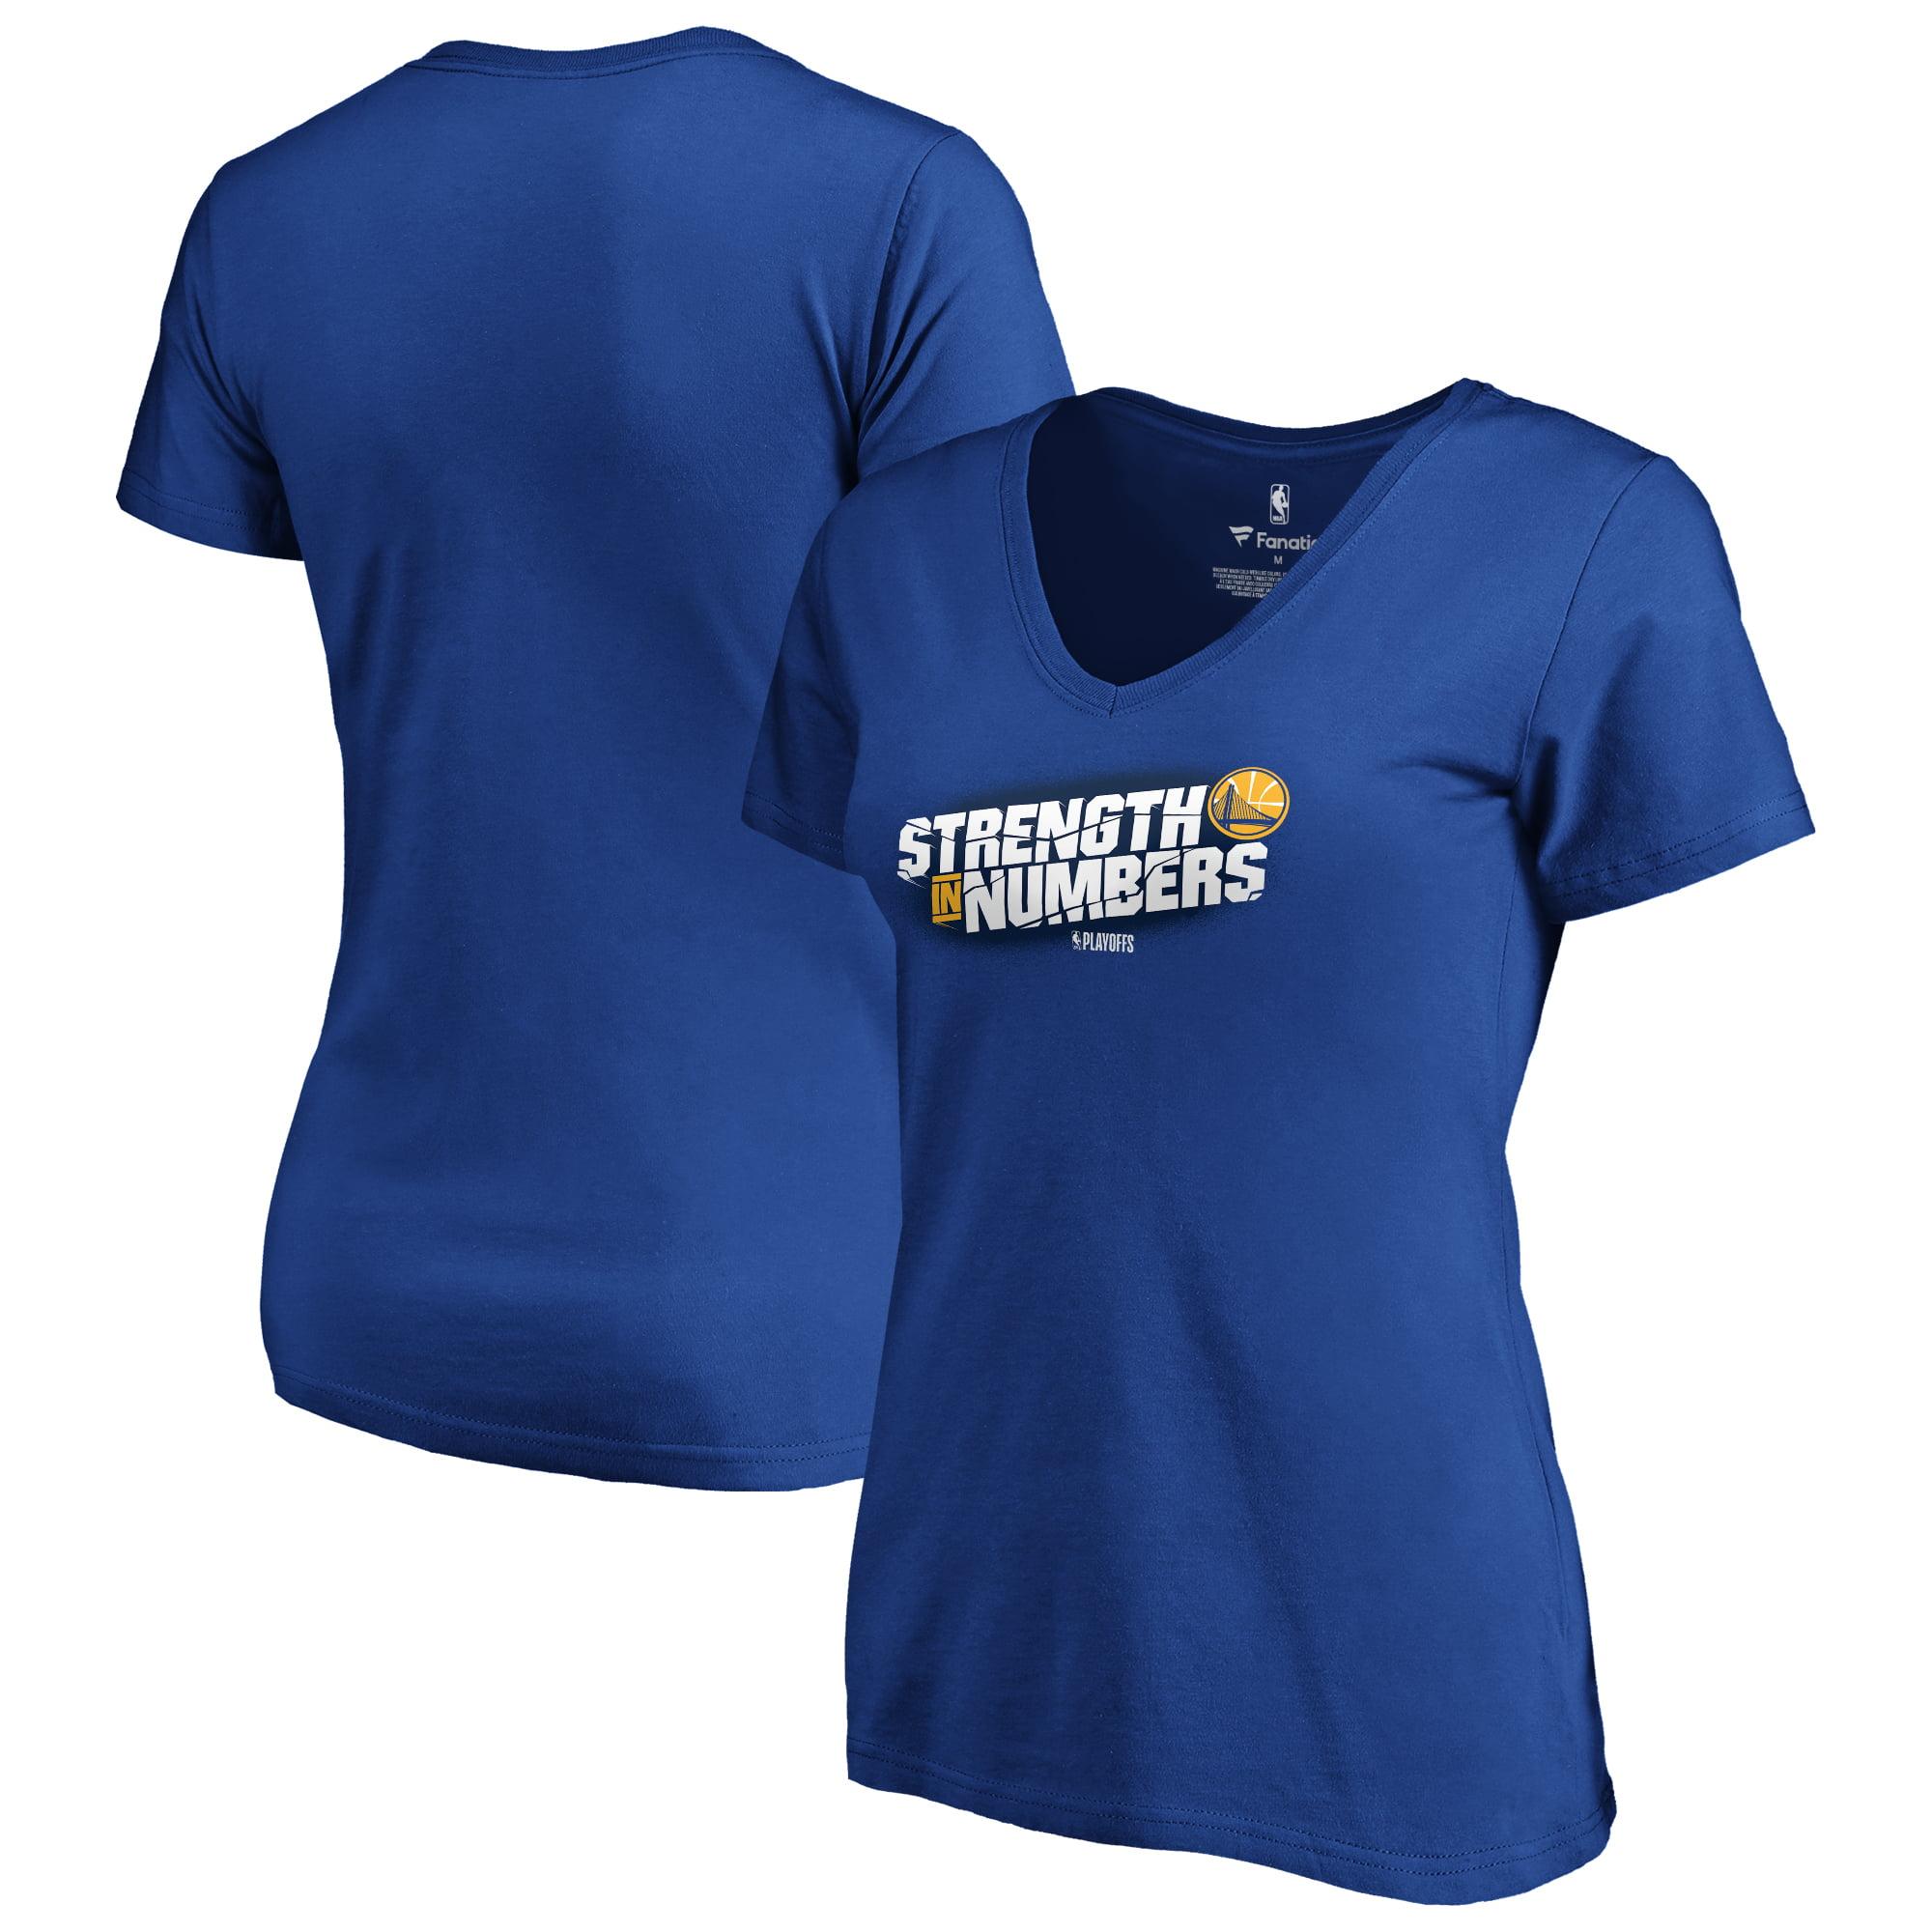 0ebf36735bf Golden State Warriors Team Shop - Walmart.com